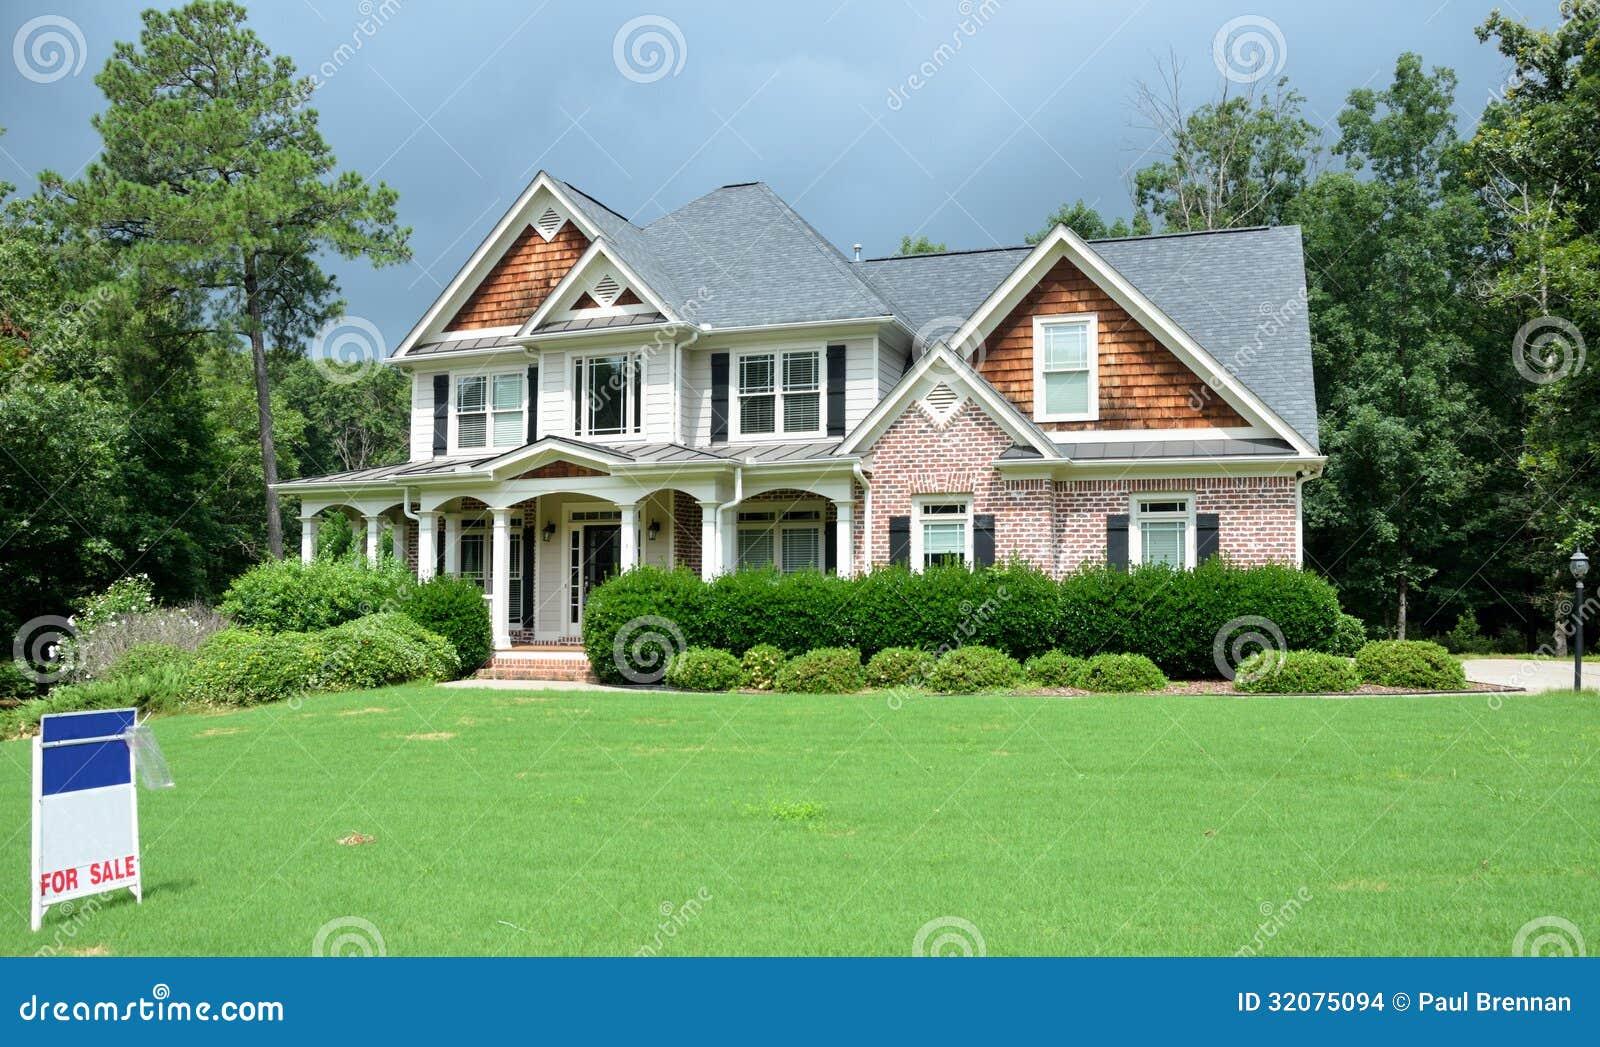 grande maison de luxe vendre images stock image 32075094